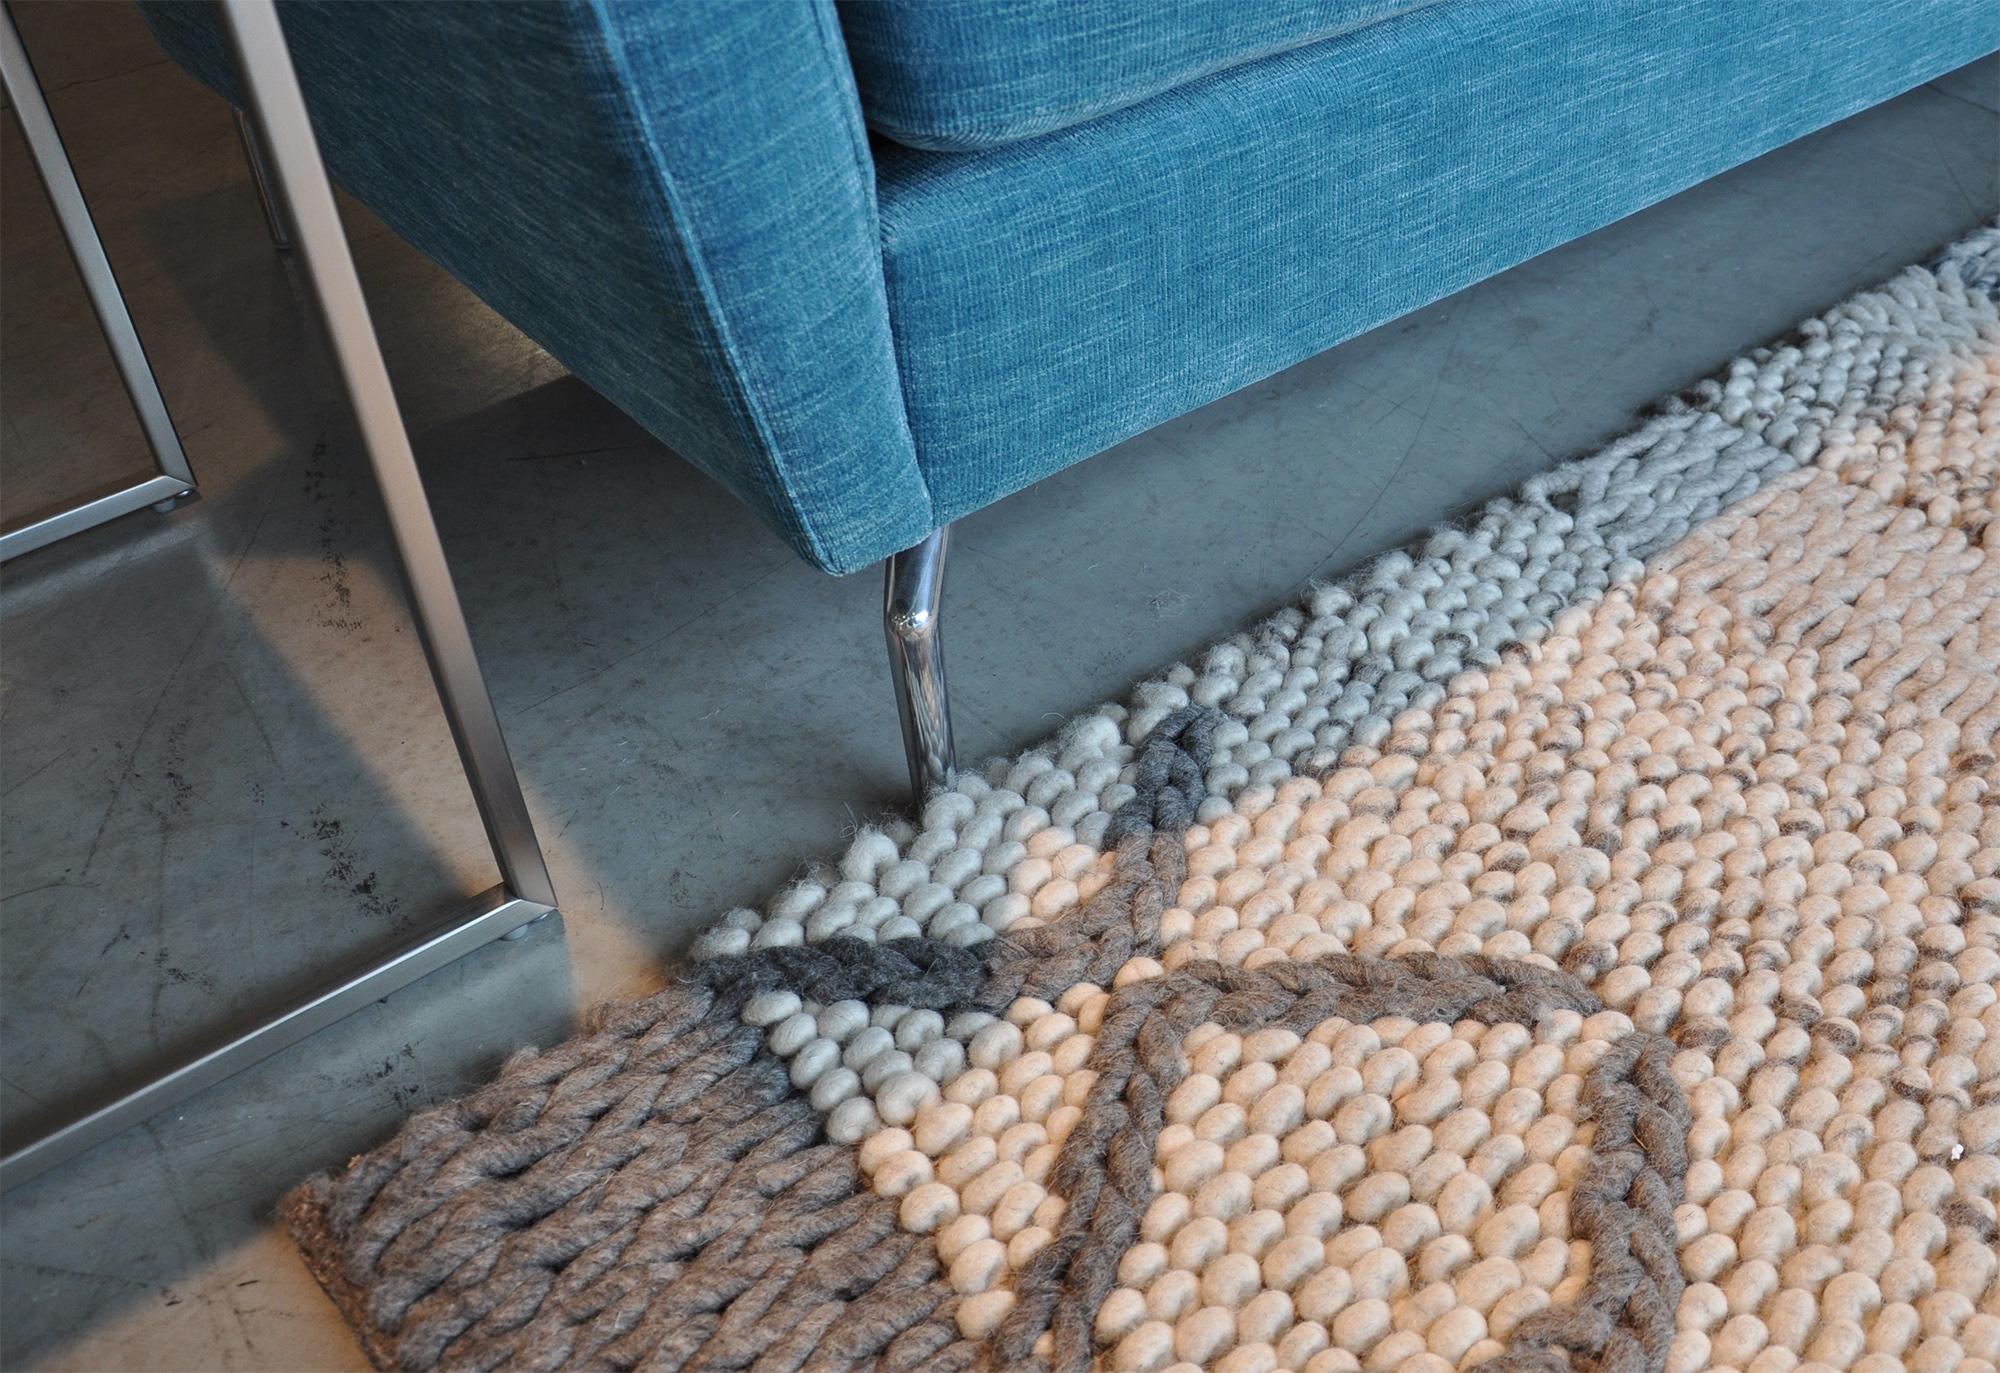 Palencia rug ,  Osaka sofa  in turquoise Napoli fabric.